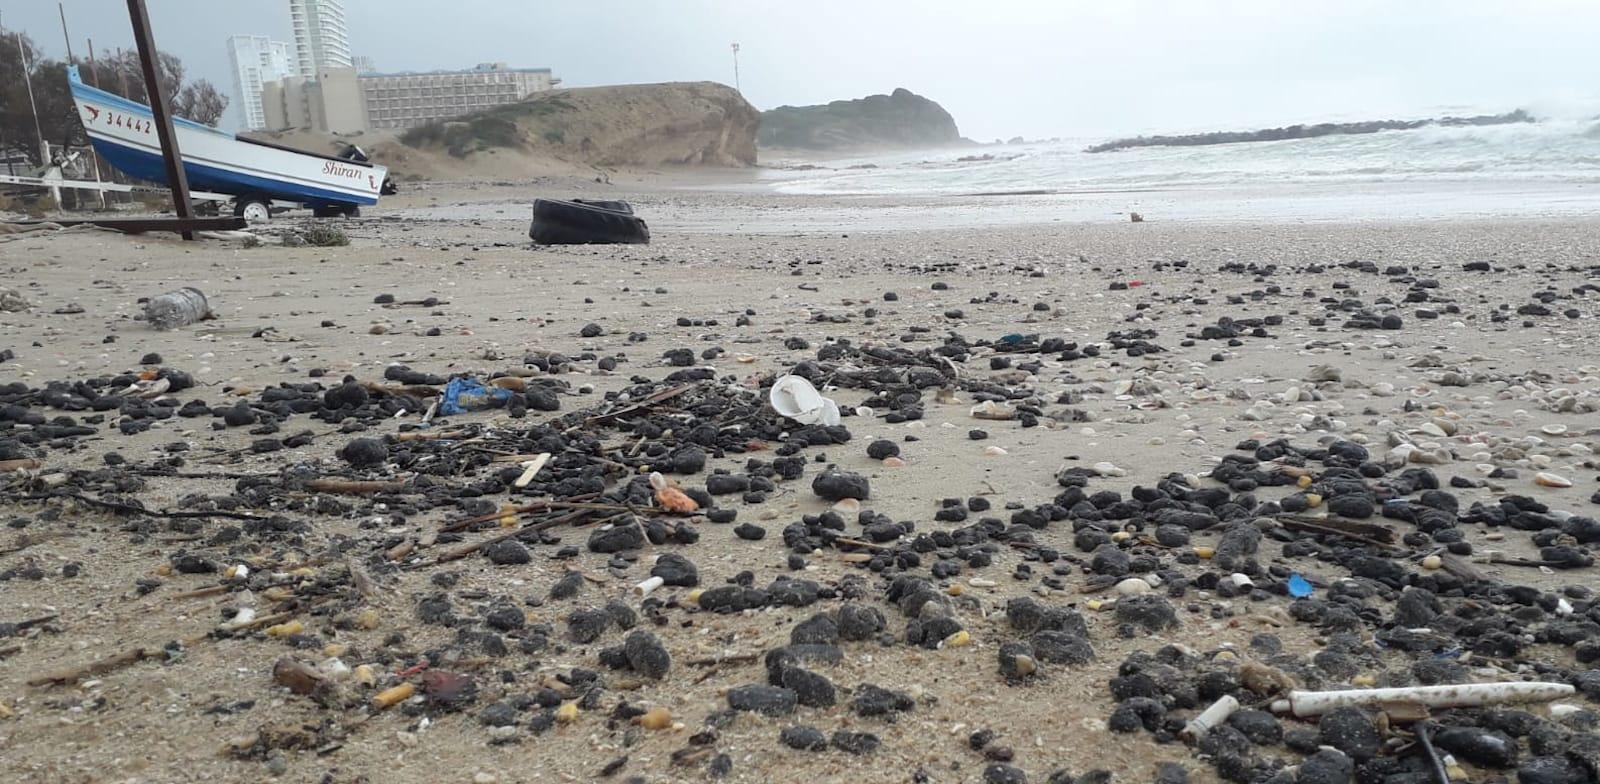 חדירת זפת לחופי ישראל, חוף חדרה / צילום: מפקחי היחידה הימית, המשרד להגנת הסביבה